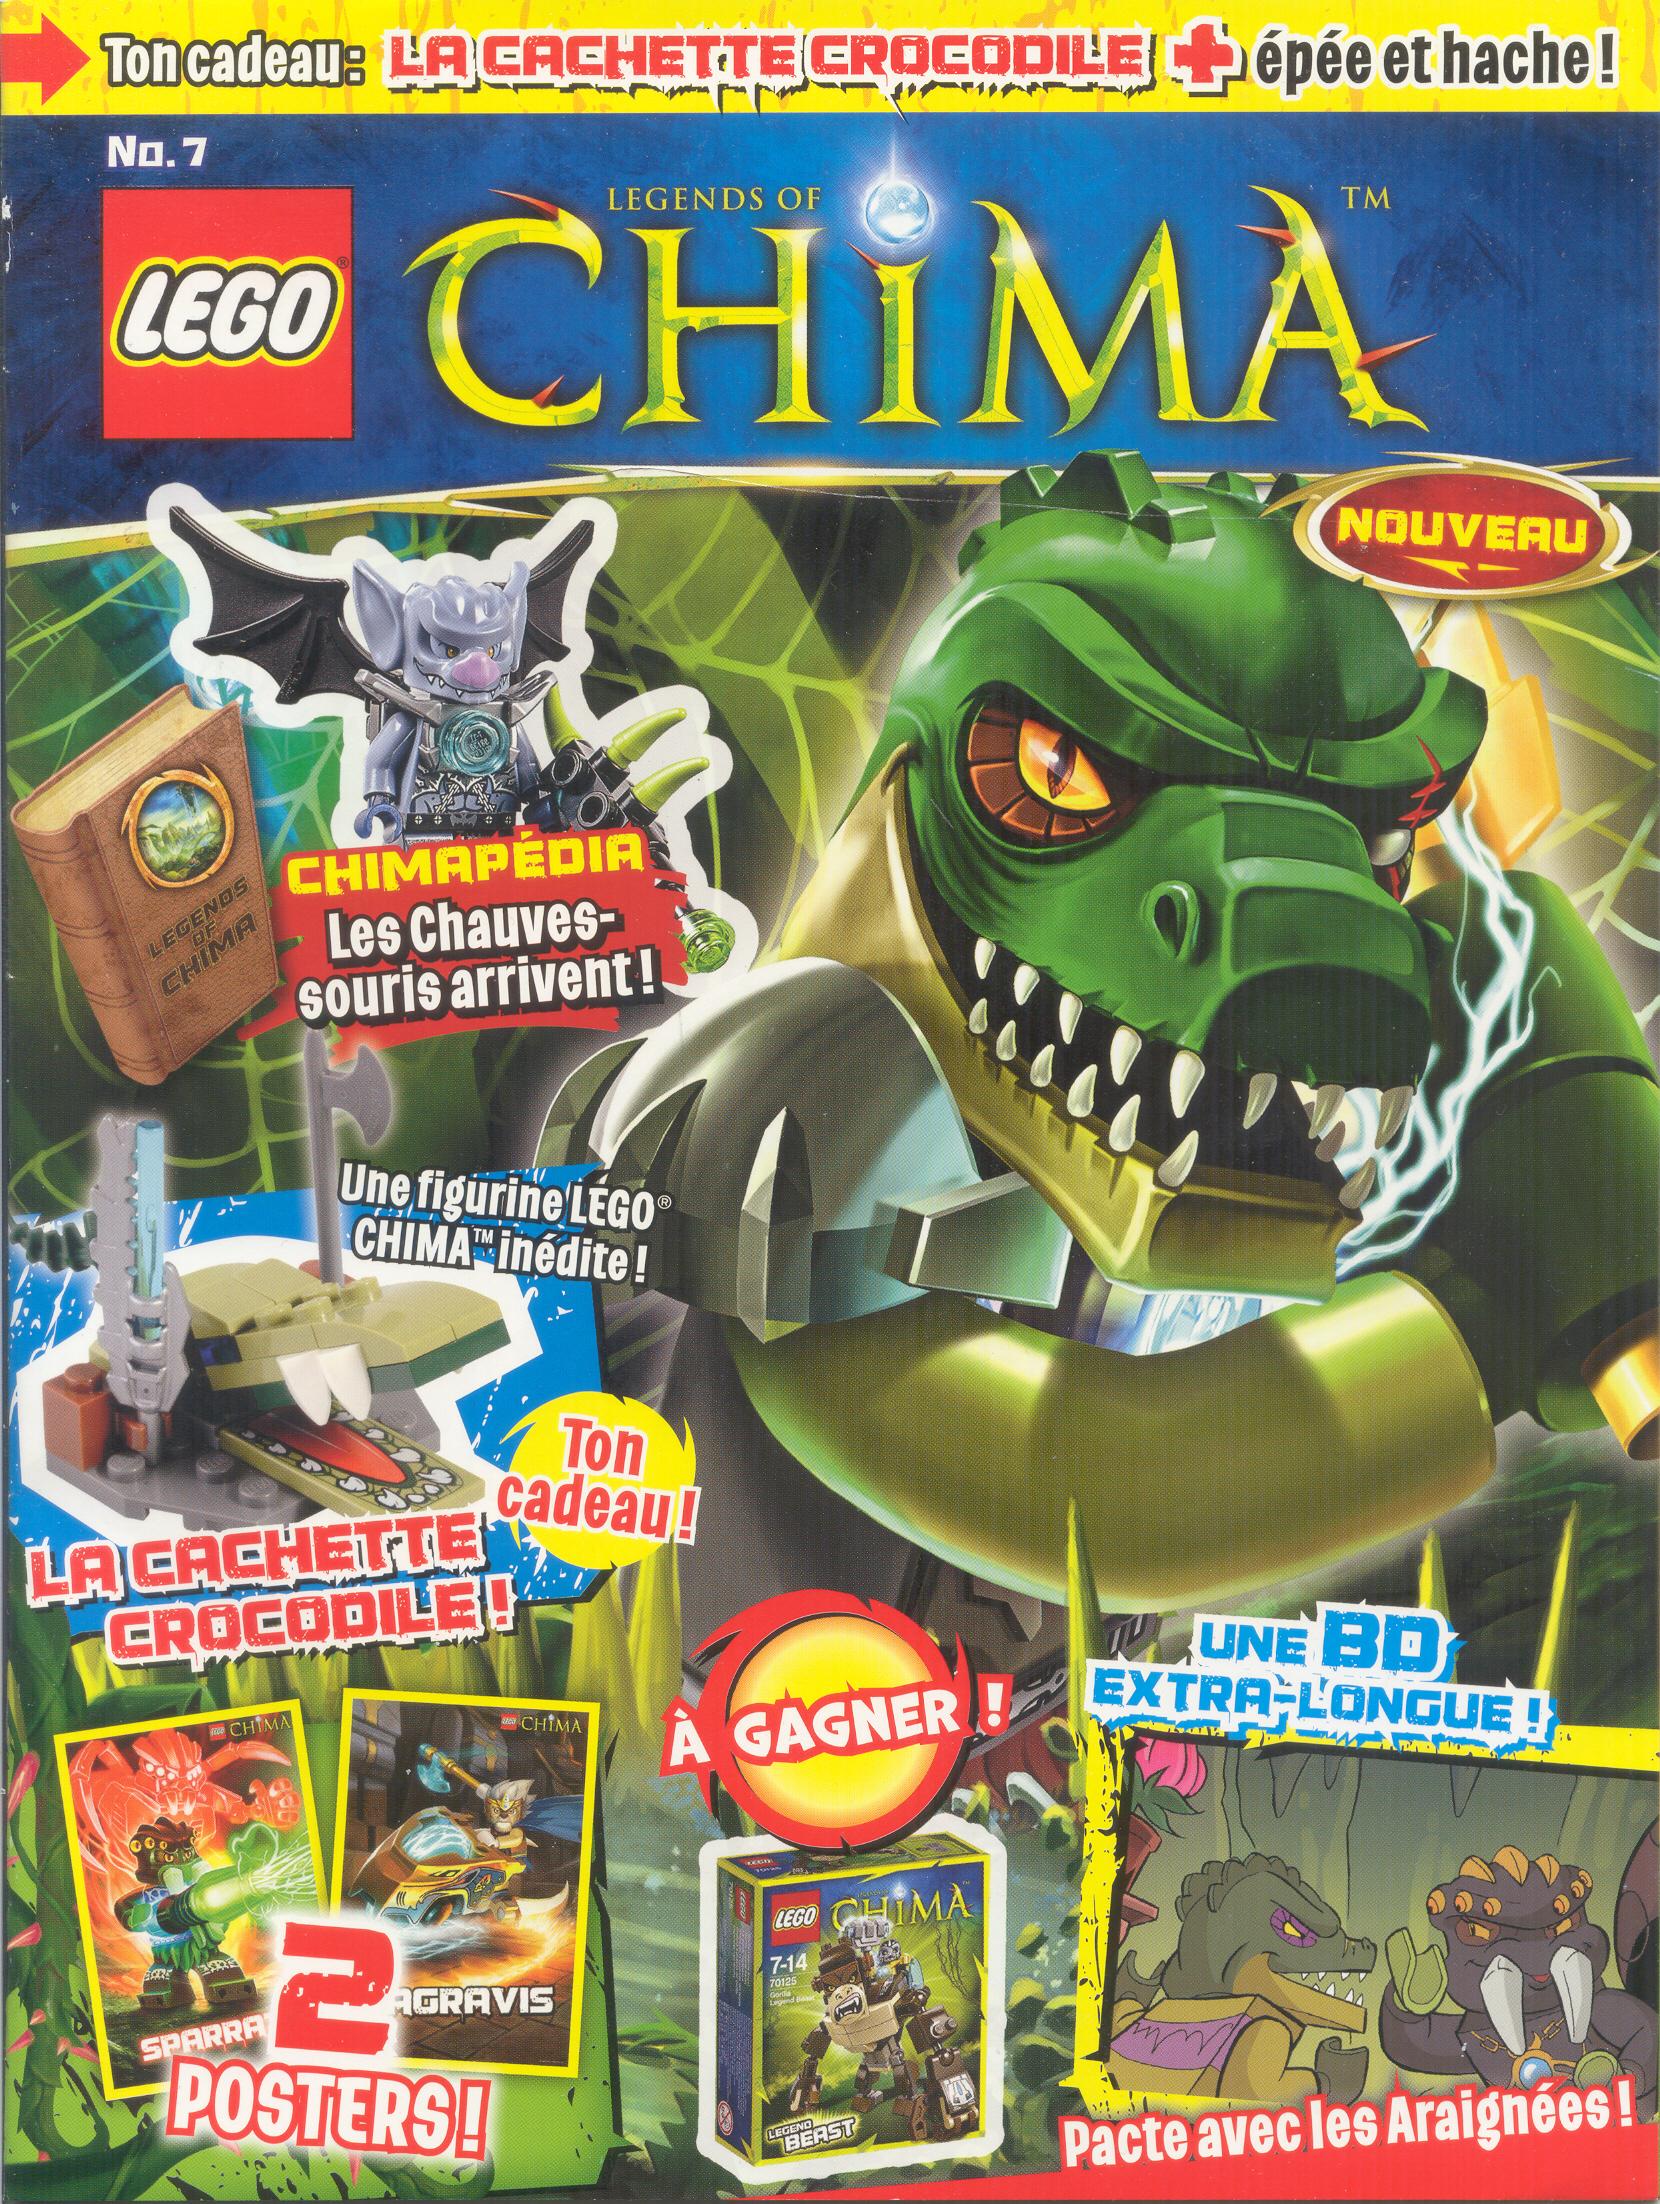 Lego chima 7 wiki lego fandom powered by wikia - Chima saison 2 ...